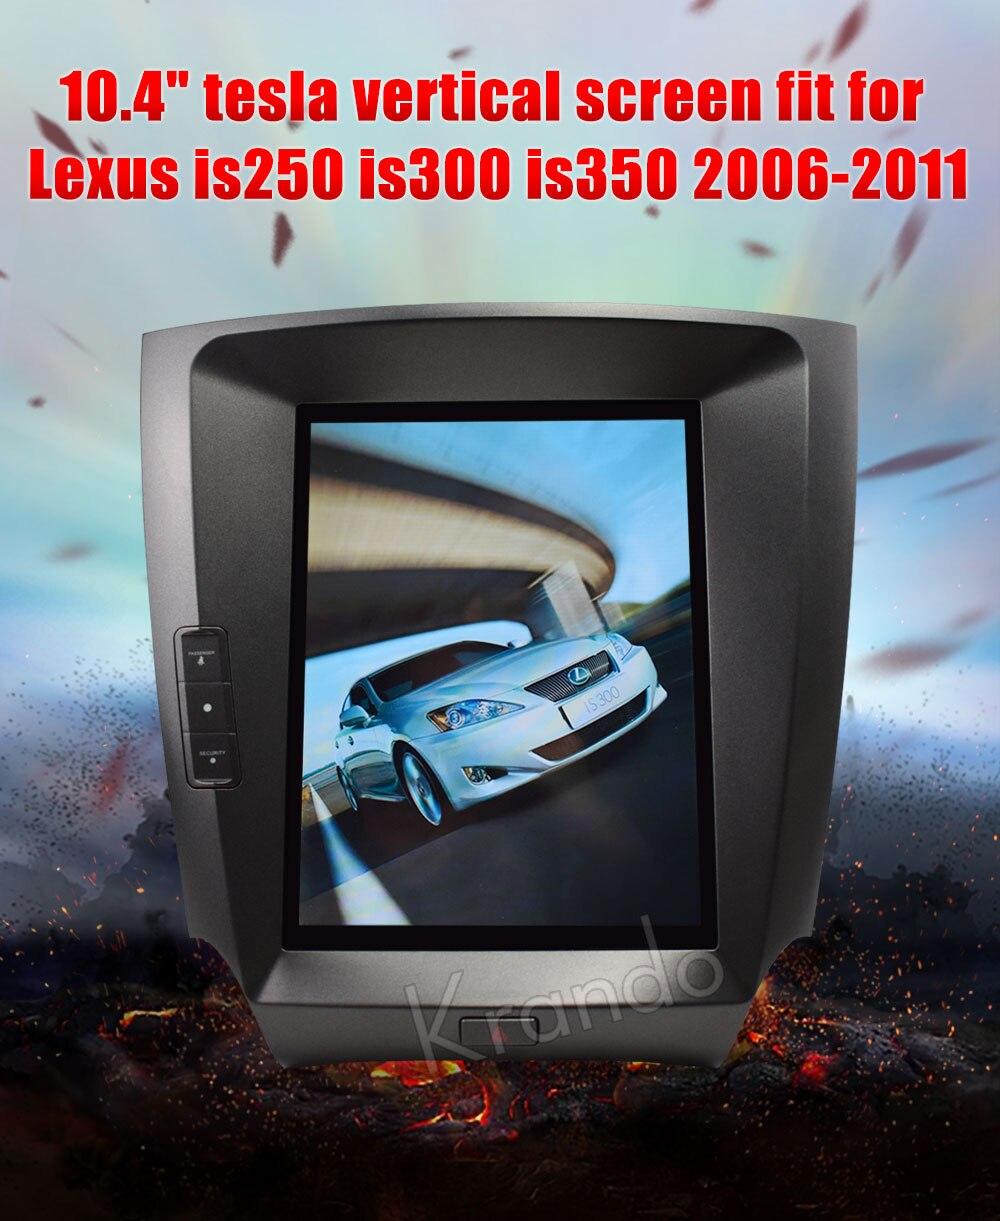 Lexus-is250-is300-is350-2006-2011-10.4 CH 1 (1)